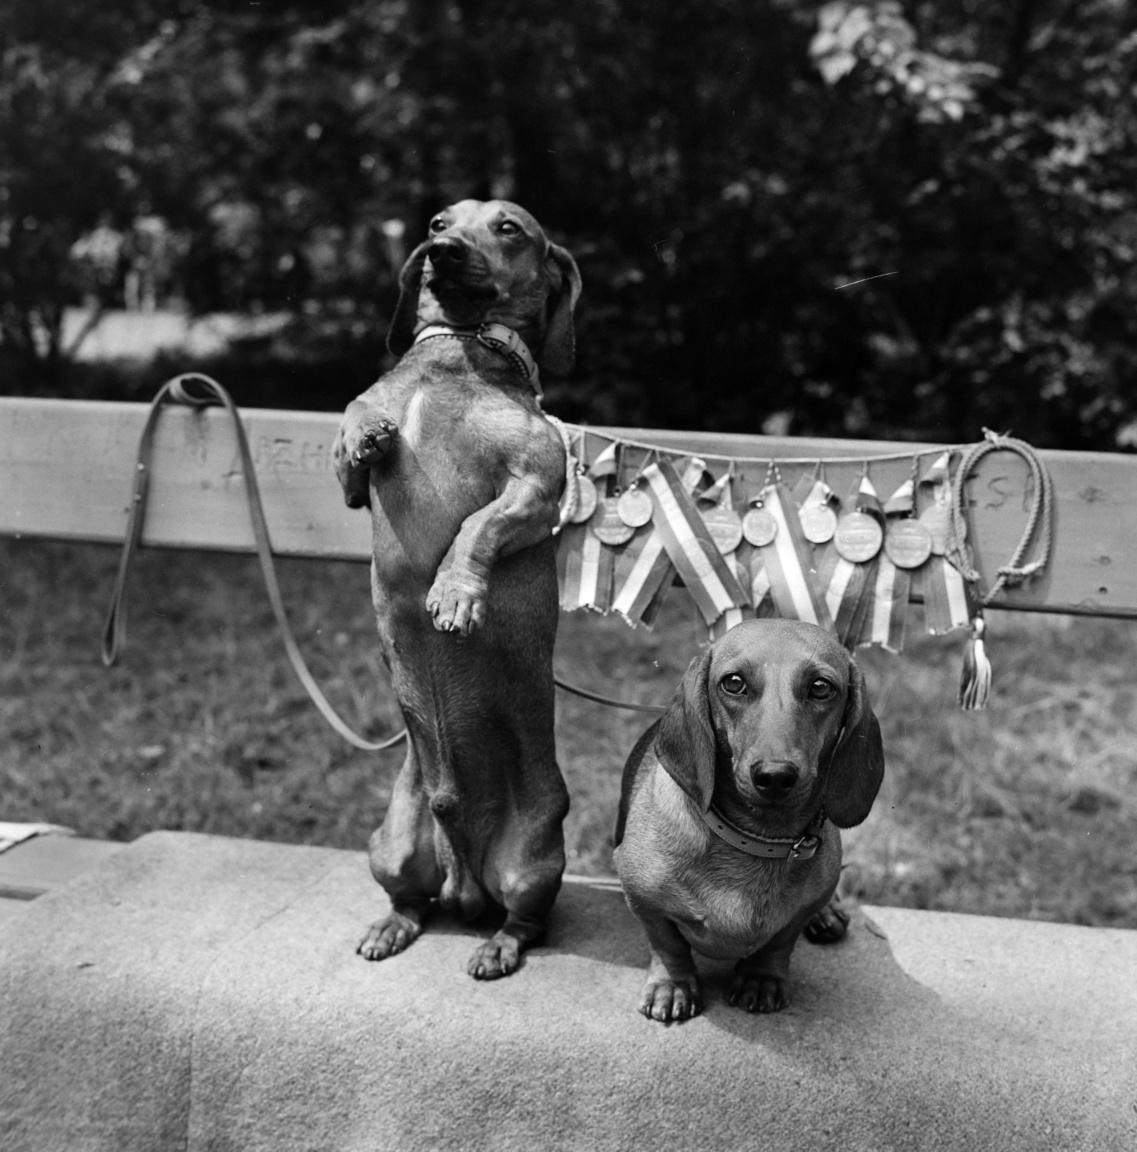 """A magyar kutya szó már a 16. században is meg-meg jelent írott szövegekben,. A nyelvészek szerint hangutánzó eredetű szó, amely A magyar nyelv történeti-etimológiai szótára szerint a kutyákat hívogató hanghatásból vált főnévvé. Elsődleges funkciójában a kölyökkutya vinnvogását, nvüszítését jeleníthette meg. Ehhez hasonló módon lett a """"cic"""" macskahívogató szóból szintén kicsinyítő képzővel cica."""